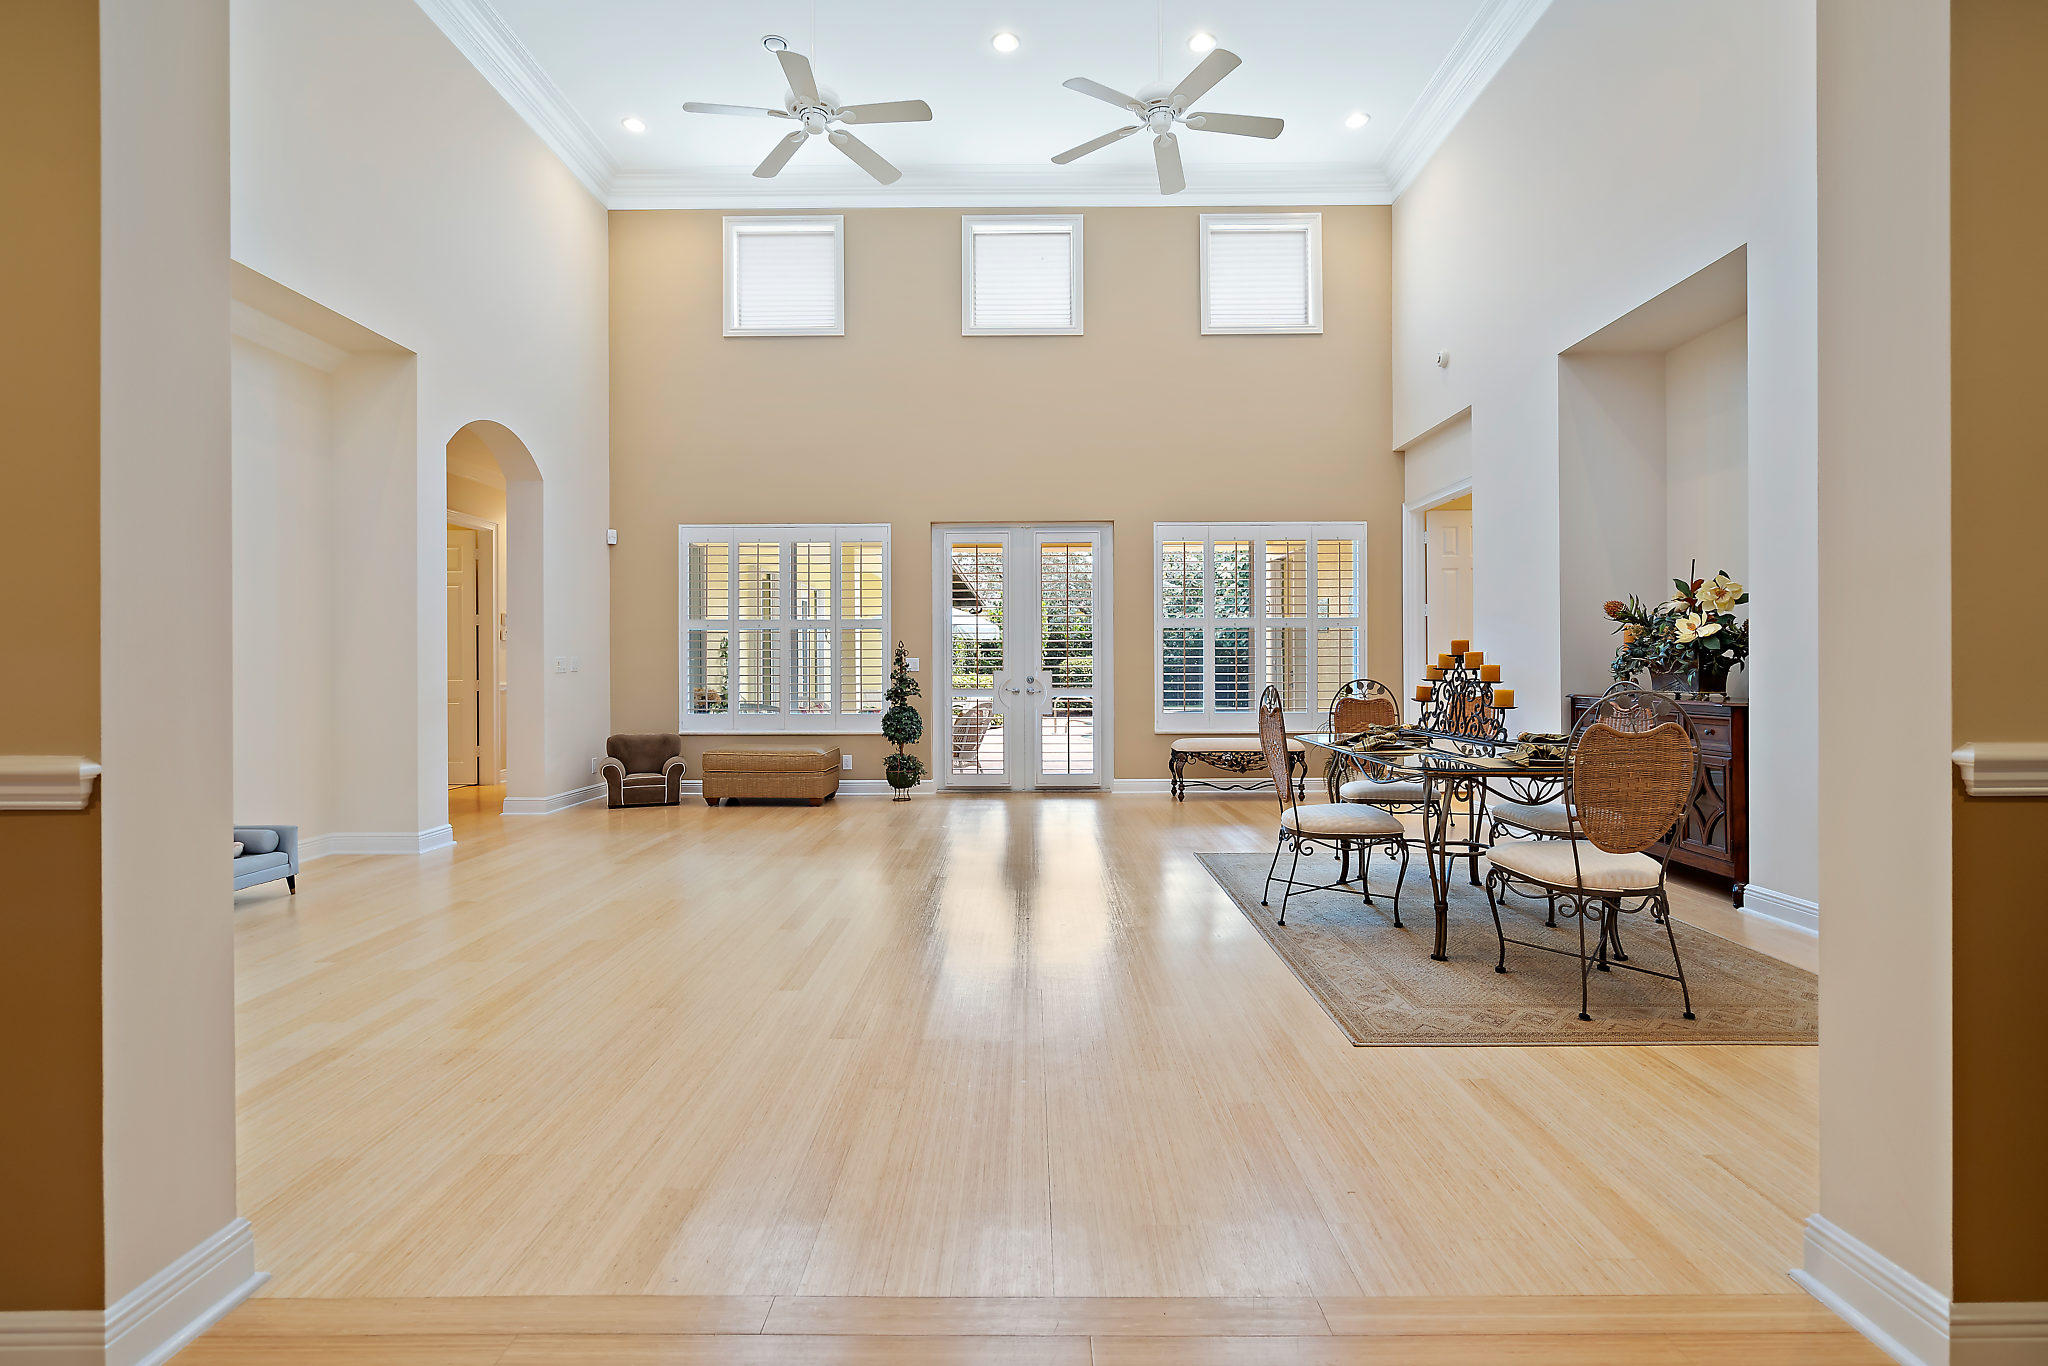 139 Barcelona Drive, Jupiter, Florida 33458, 3 Bedrooms Bedrooms, ,3.1 BathroomsBathrooms,A,Single family,Barcelona,RX-10544306